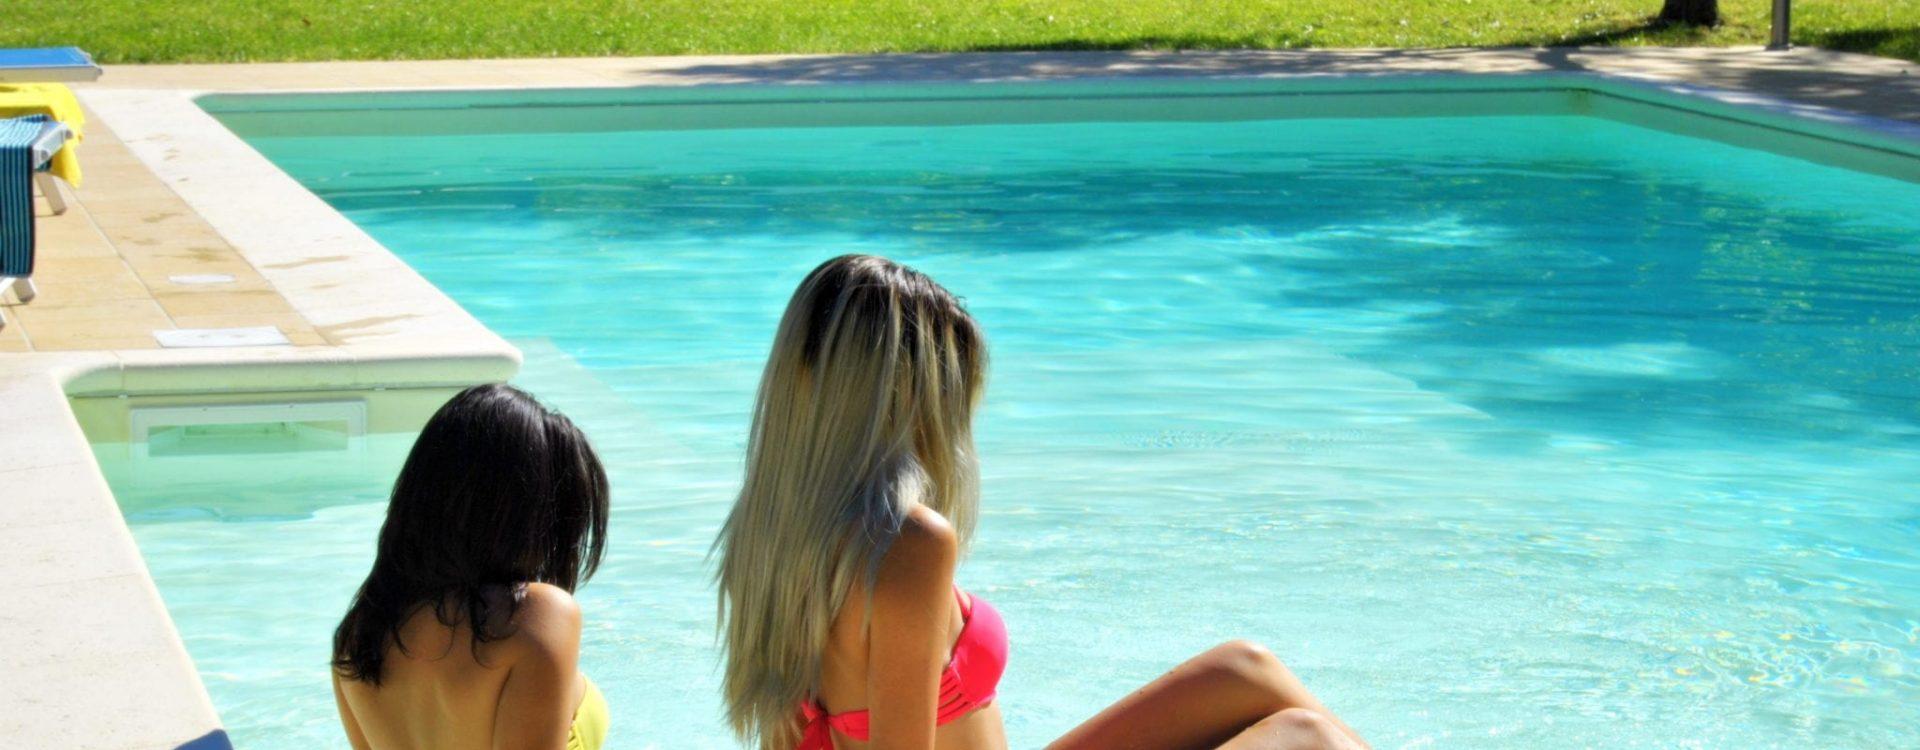 piscina ragazze 9